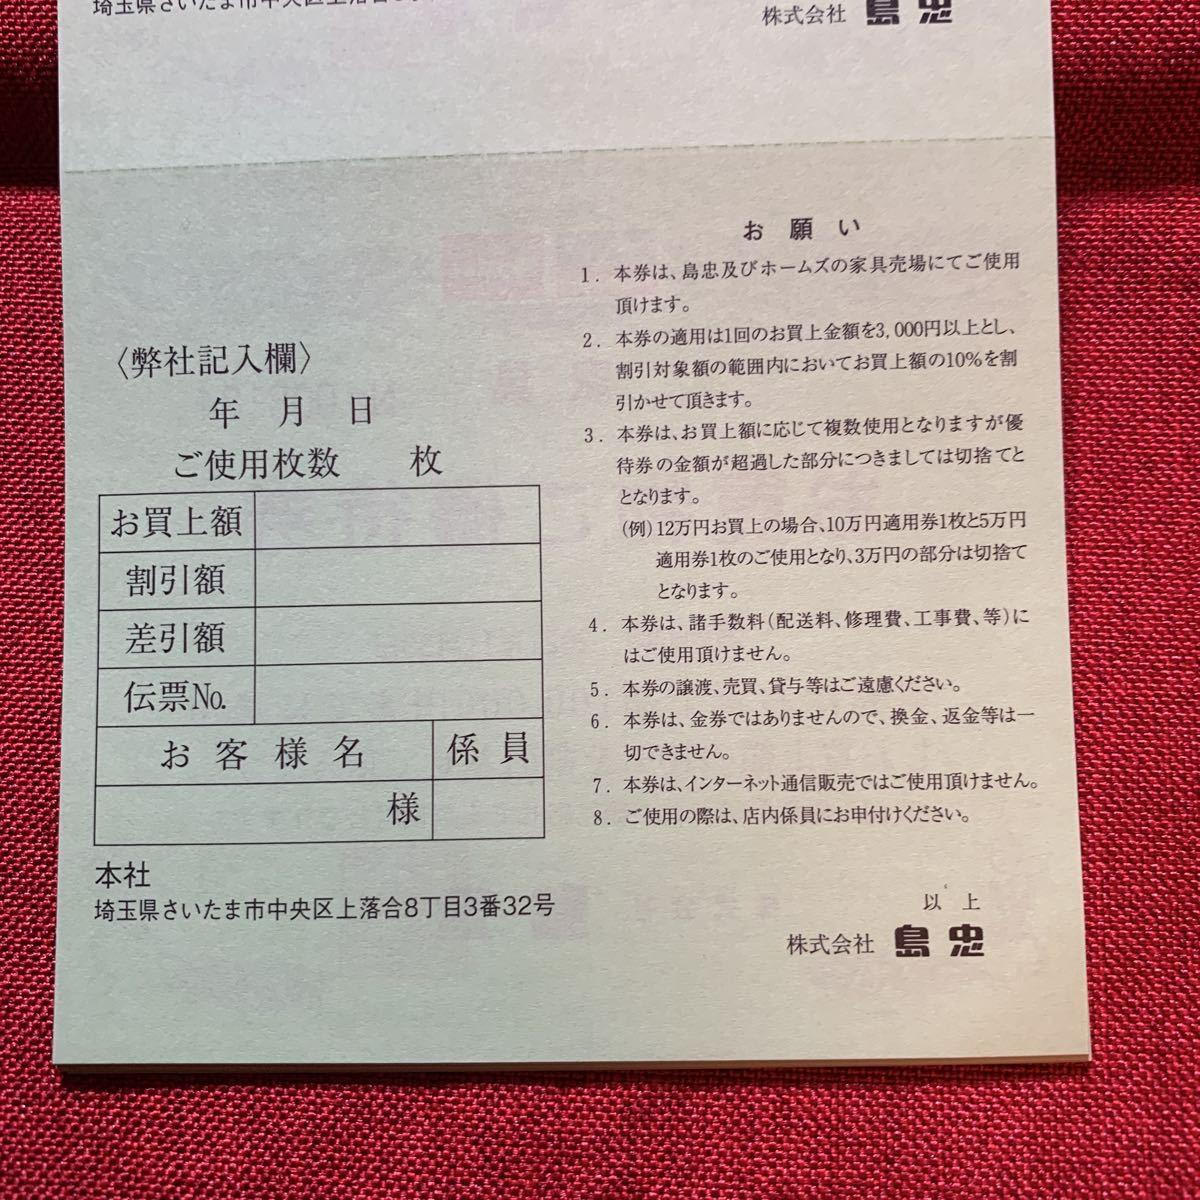 島忠株主優待 家具お買物ご優待10%割引券上限50000円×1枚 20211130 複数個数あり_画像5